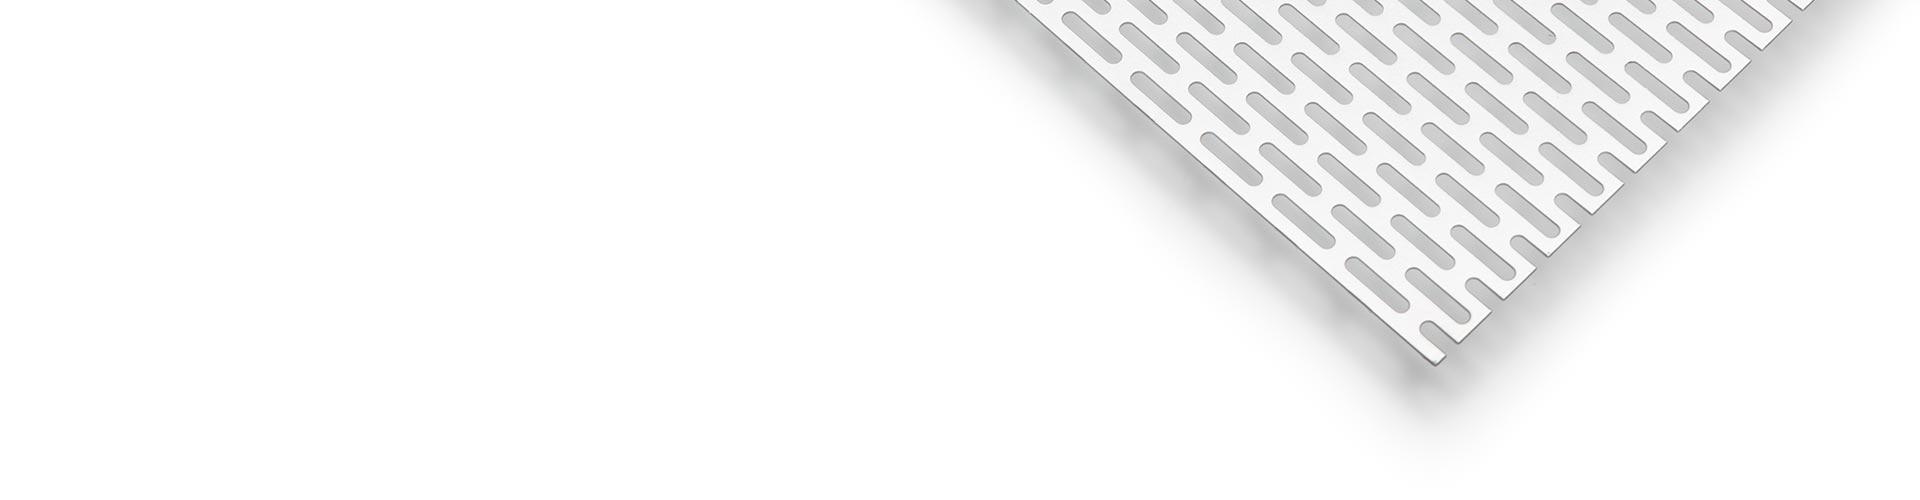 Lochbleche mit ovalllöcher – perfolinea.de